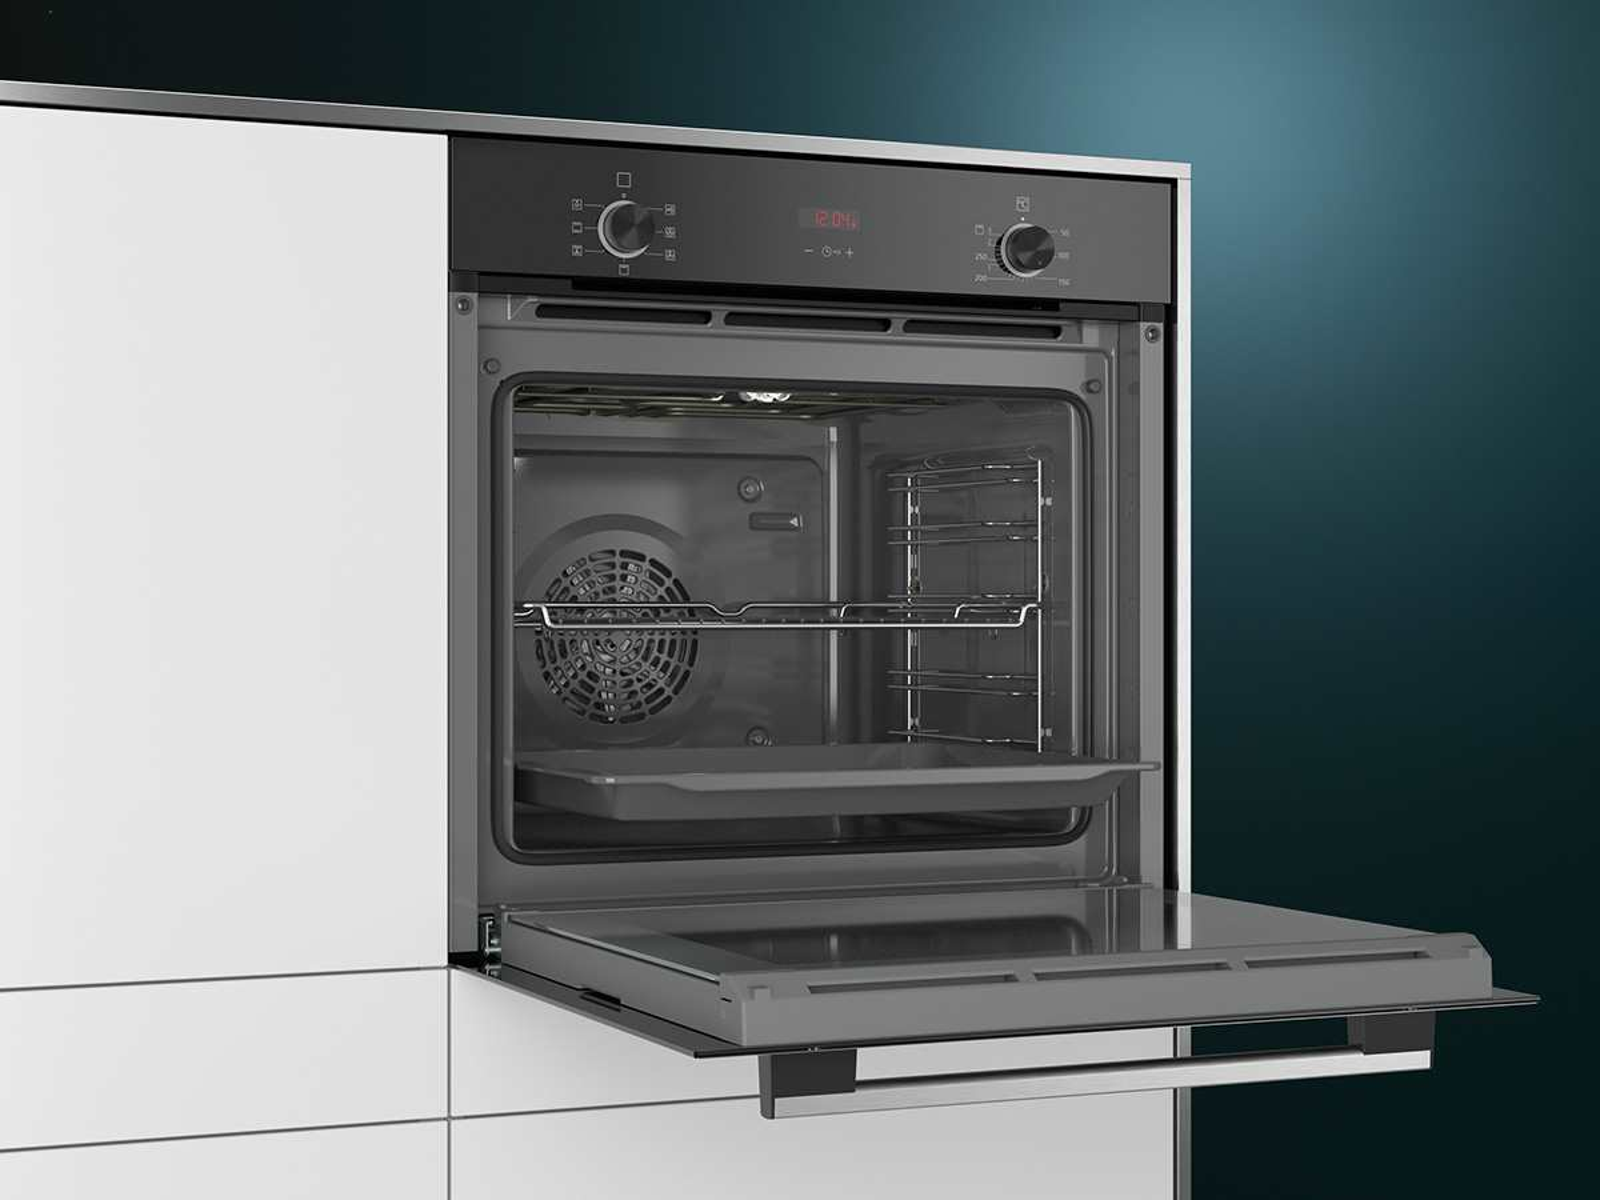 Siemens Kuchengerate Schweiz Hausgeratetechnik Konsumguter Und